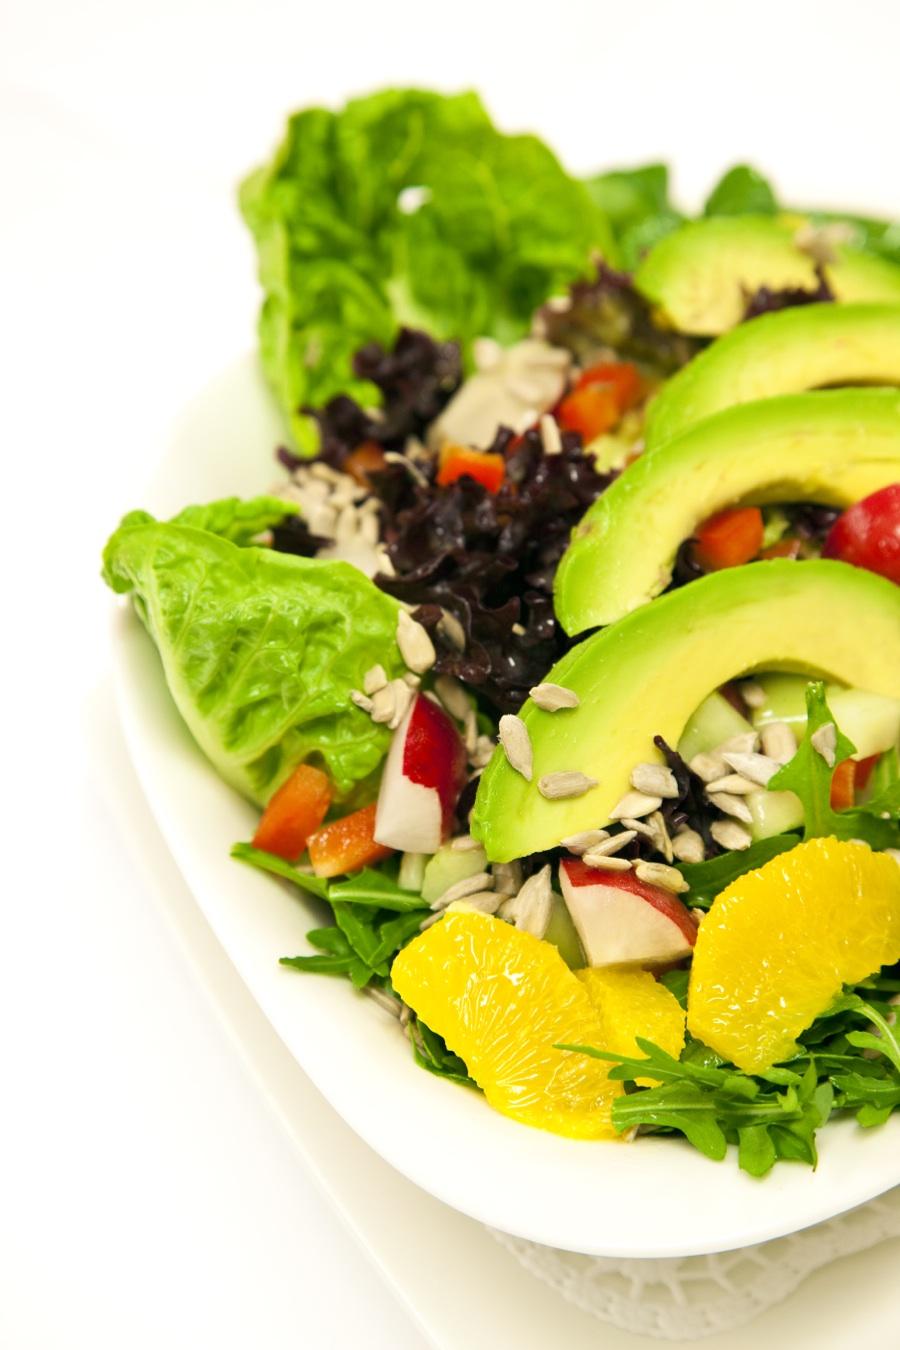 saláty v metabolic balance jsou skvělá věc